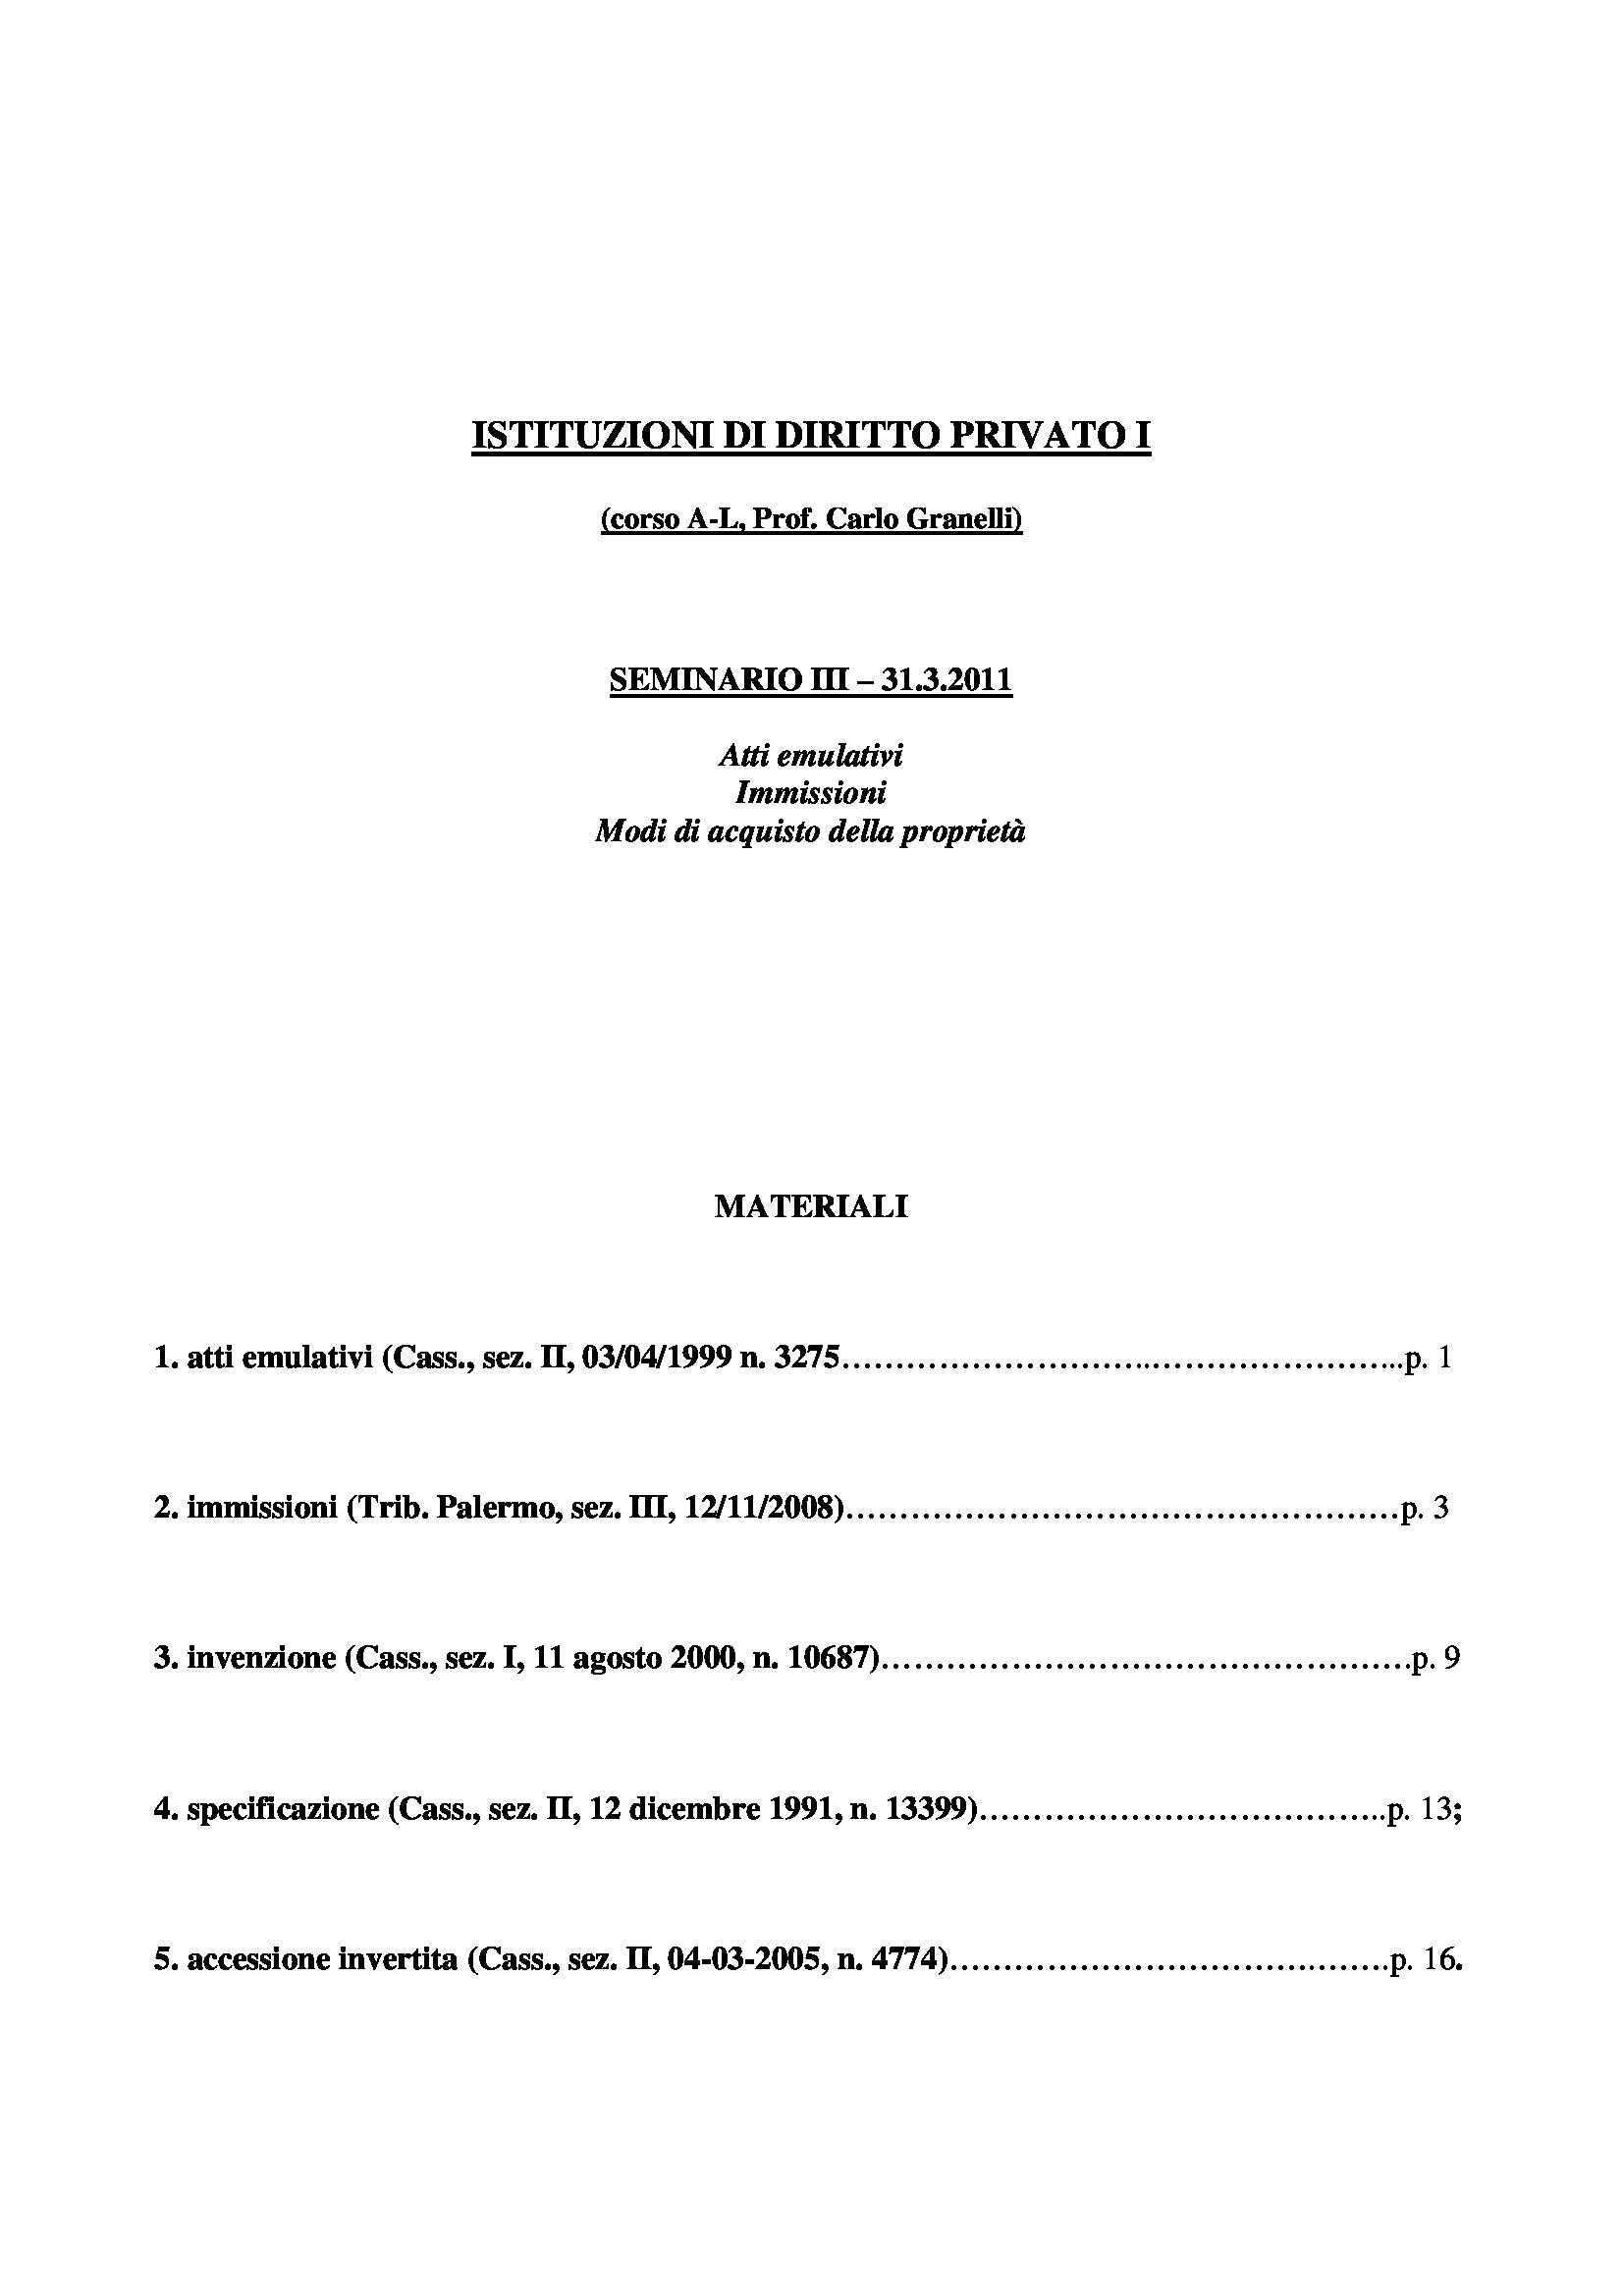 Atti emulativi - Immissioni - Modi acquisto proprietà